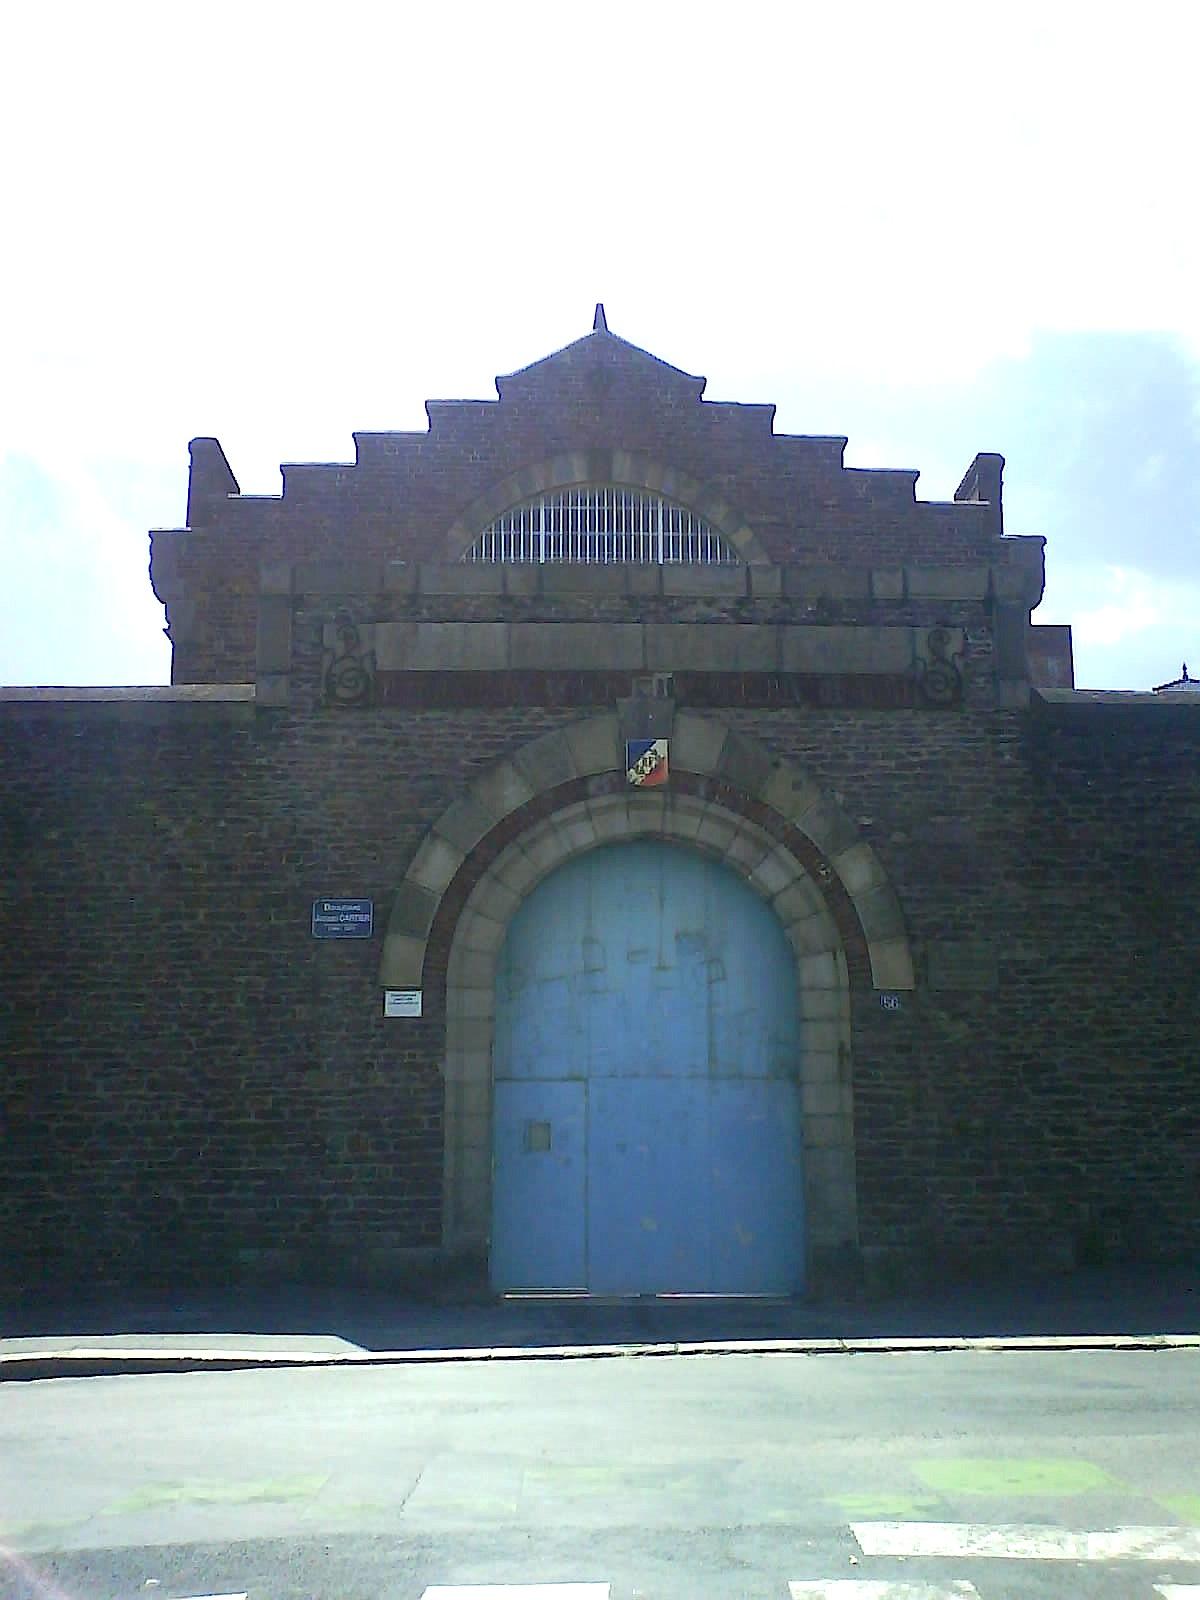 prison, Catherine Rechard, Dragan Brkic, le Déménagement, Candela productions, penitentiaire, prison, rennes, Vezin-le-Coquet